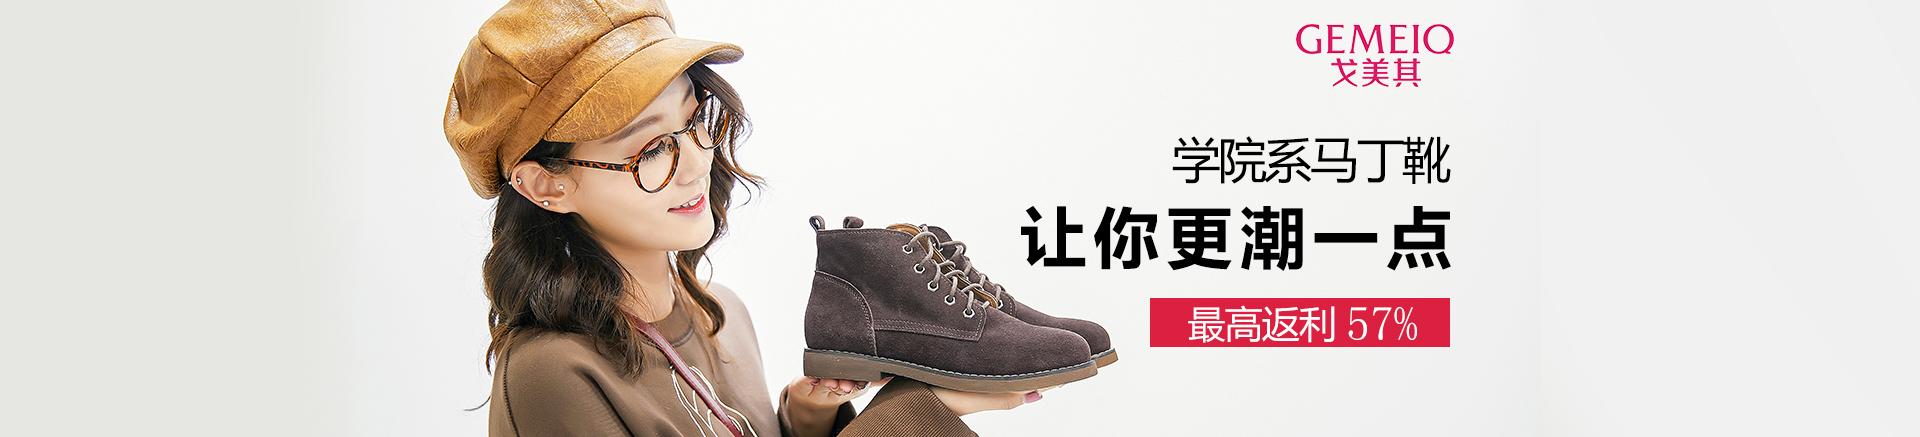 卡芙尼鞋类专营店返利活动